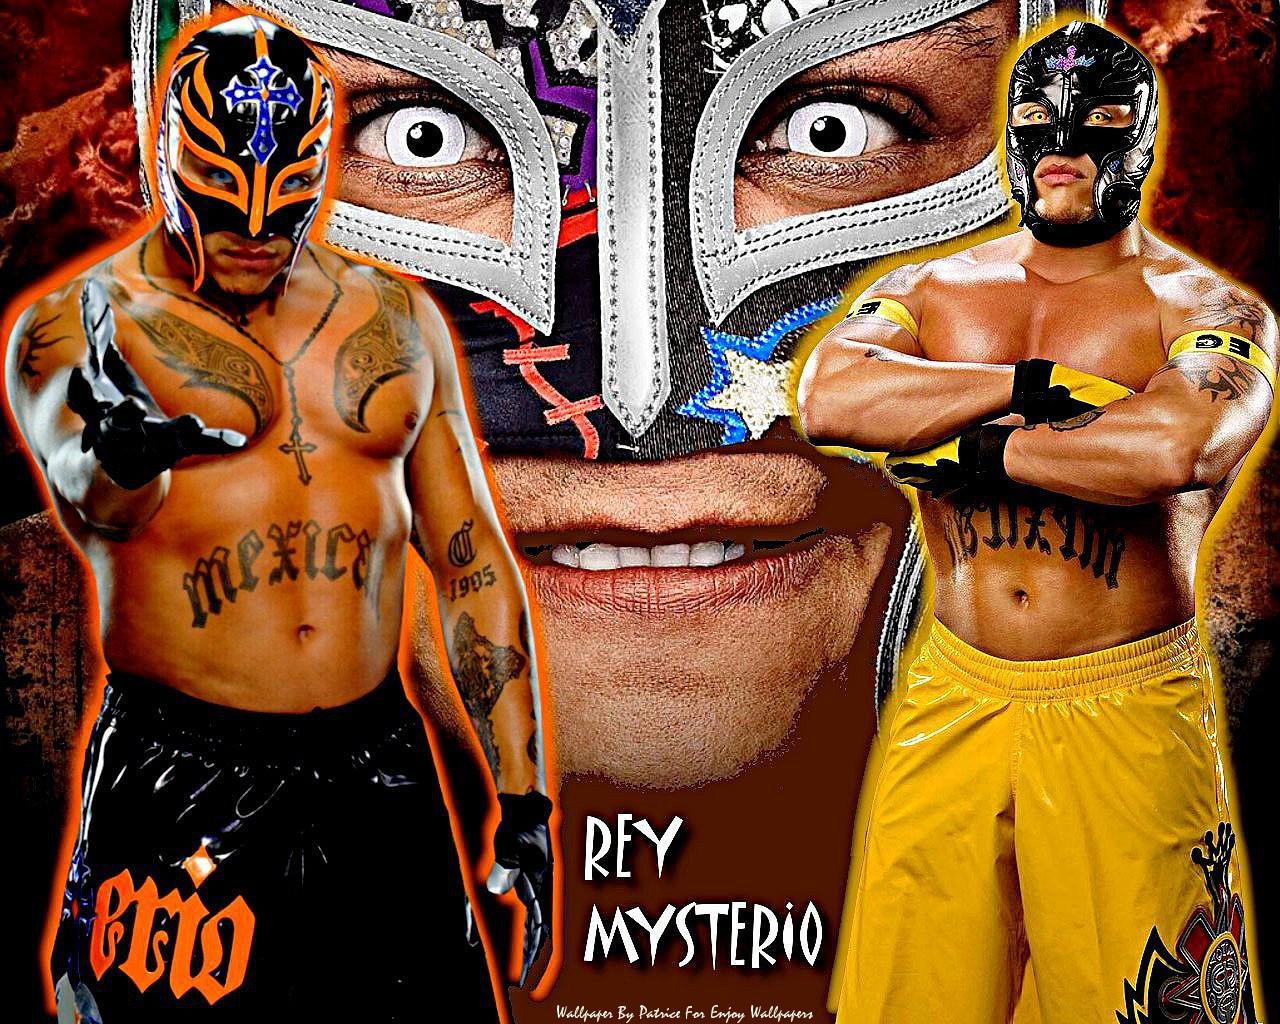 http://2.bp.blogspot.com/-bovRPeuGNJQ/T5PVdbYhaLI/AAAAAAAAHqk/14R5i9V6N5M/s1600/wwe_rey_mysterio_best_wallpaper.jpg